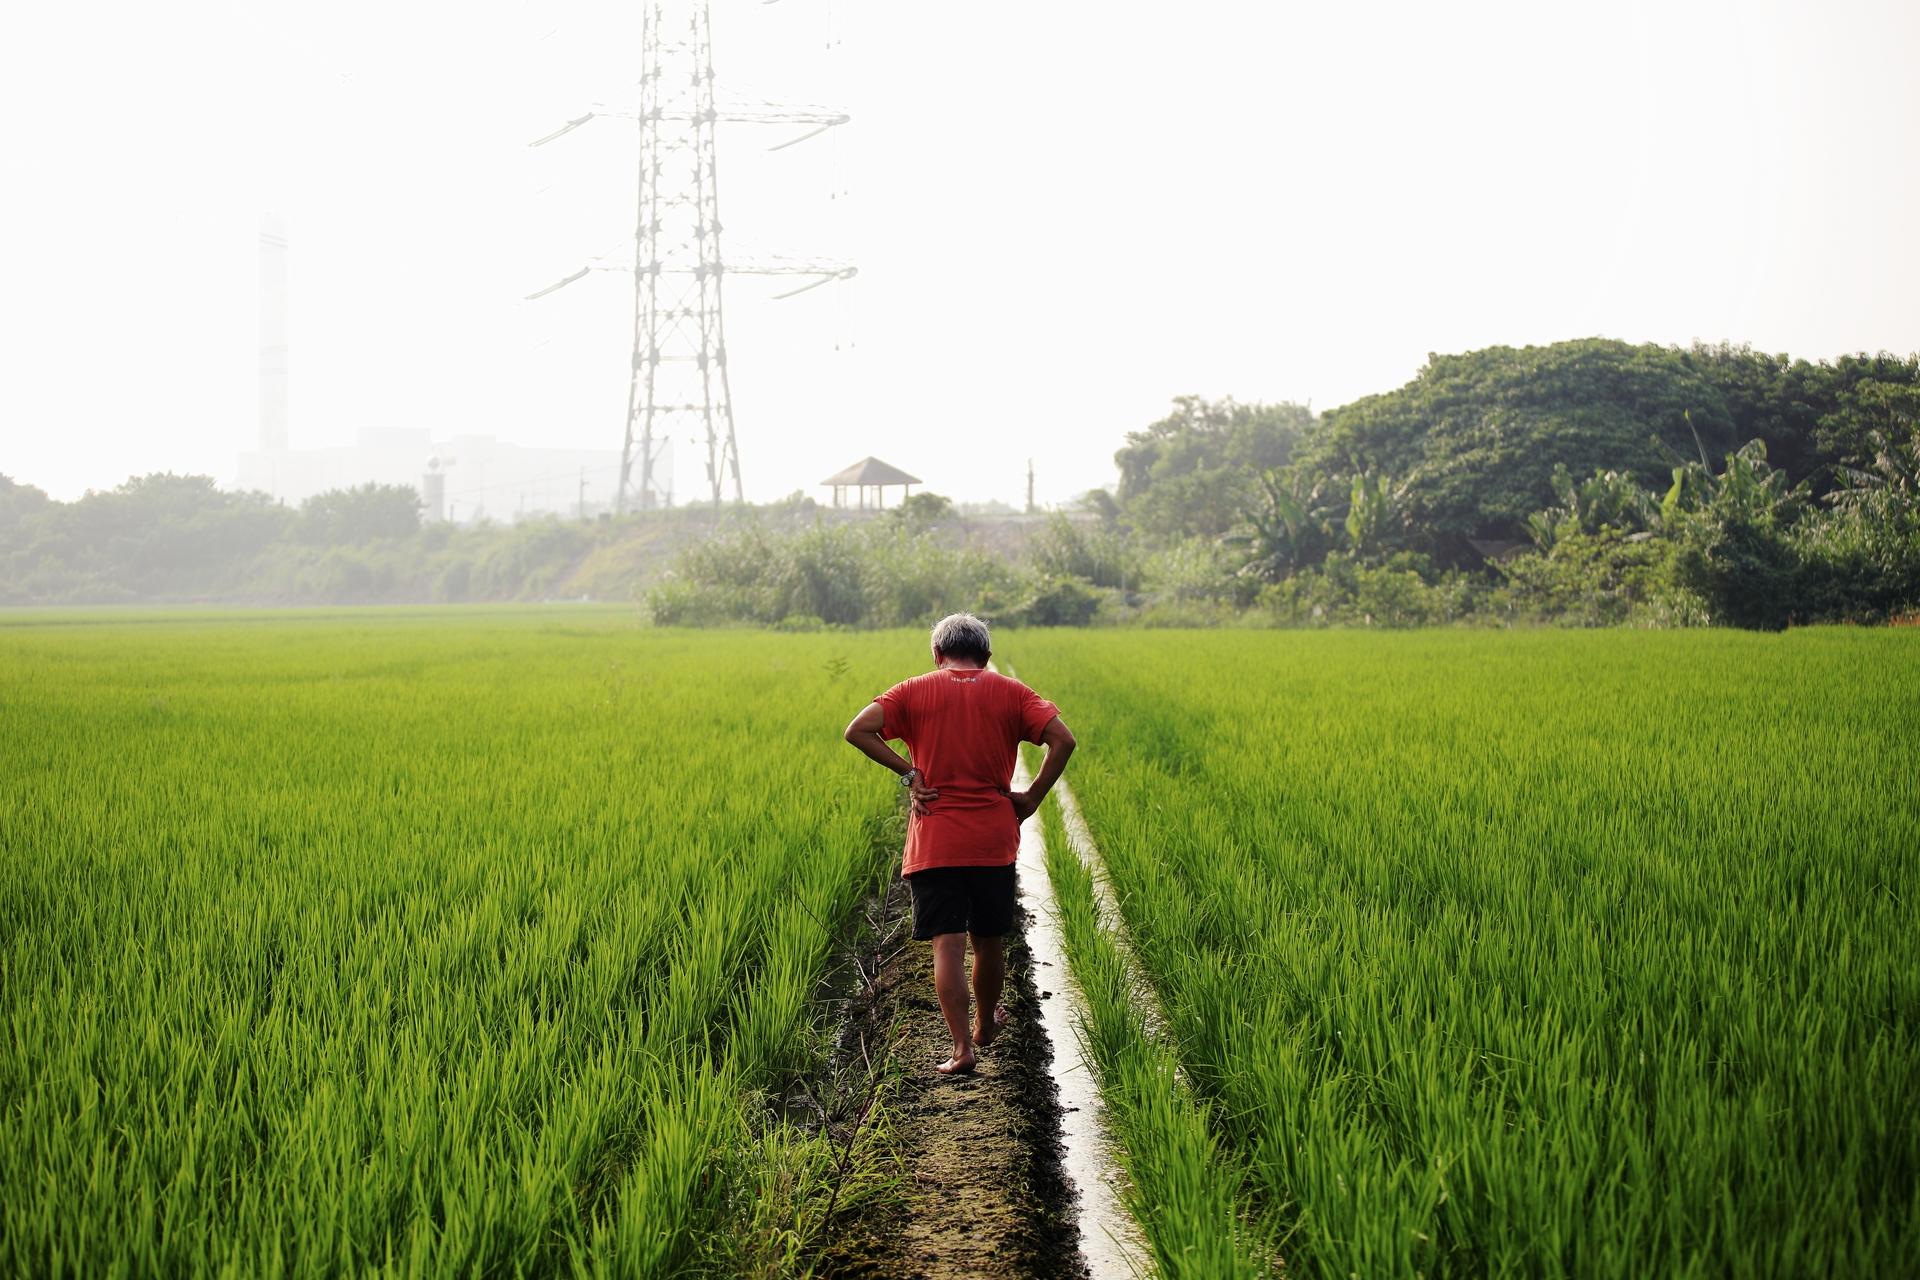 鍾兩福赤腳走在土堤田梗上,巡視他以自然農法友善環境耕作的稻田,由於不施化學農藥,雜草與稻田交雜而生,看來有種野生農地的樸拙感。友善環境耕作乃農耕過程符合環境友善、不使用合成化學物質、基因改造生物及其產品之耕作方式,可說是從慣行農法轉型至有機農法的過渡方式。(攝影:林韋言)